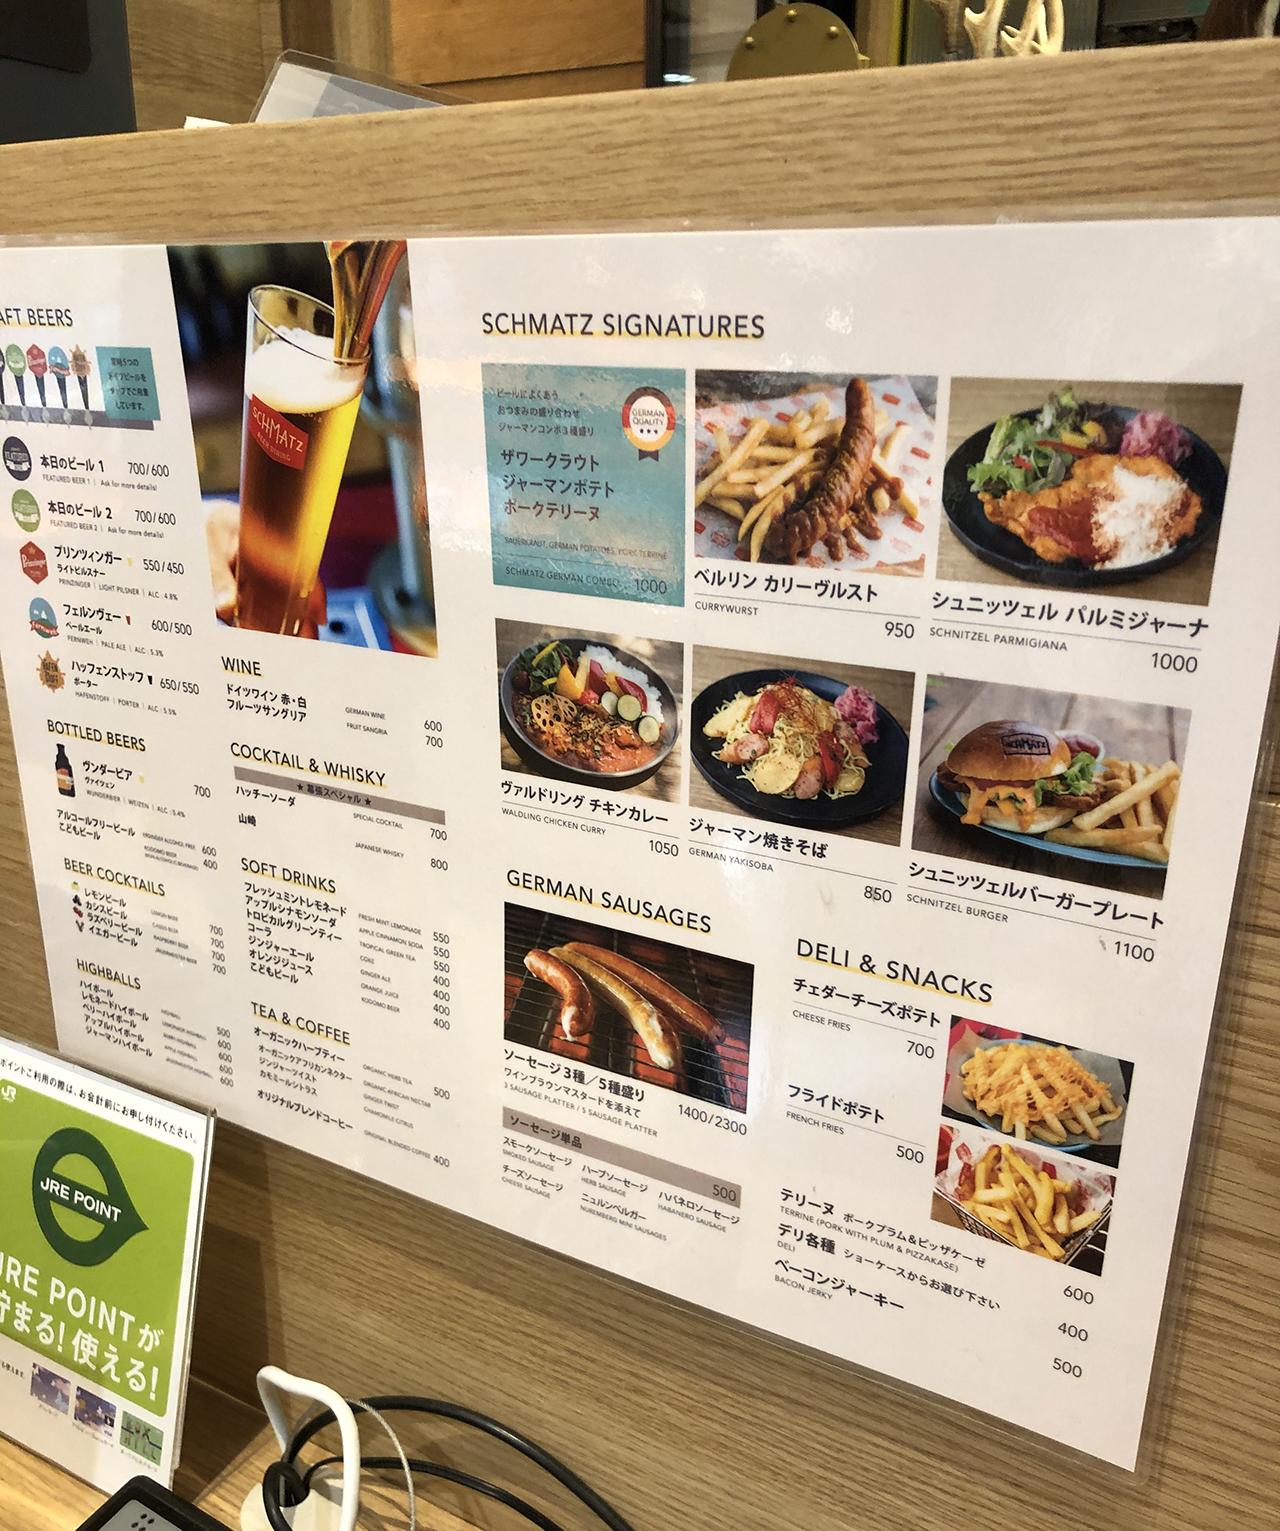 SCHMATZ Beer Stand Perie Kaihinmakuhari(シュマッツ・ビア・スタンド ペリエ海浜幕張)の投稿写真4